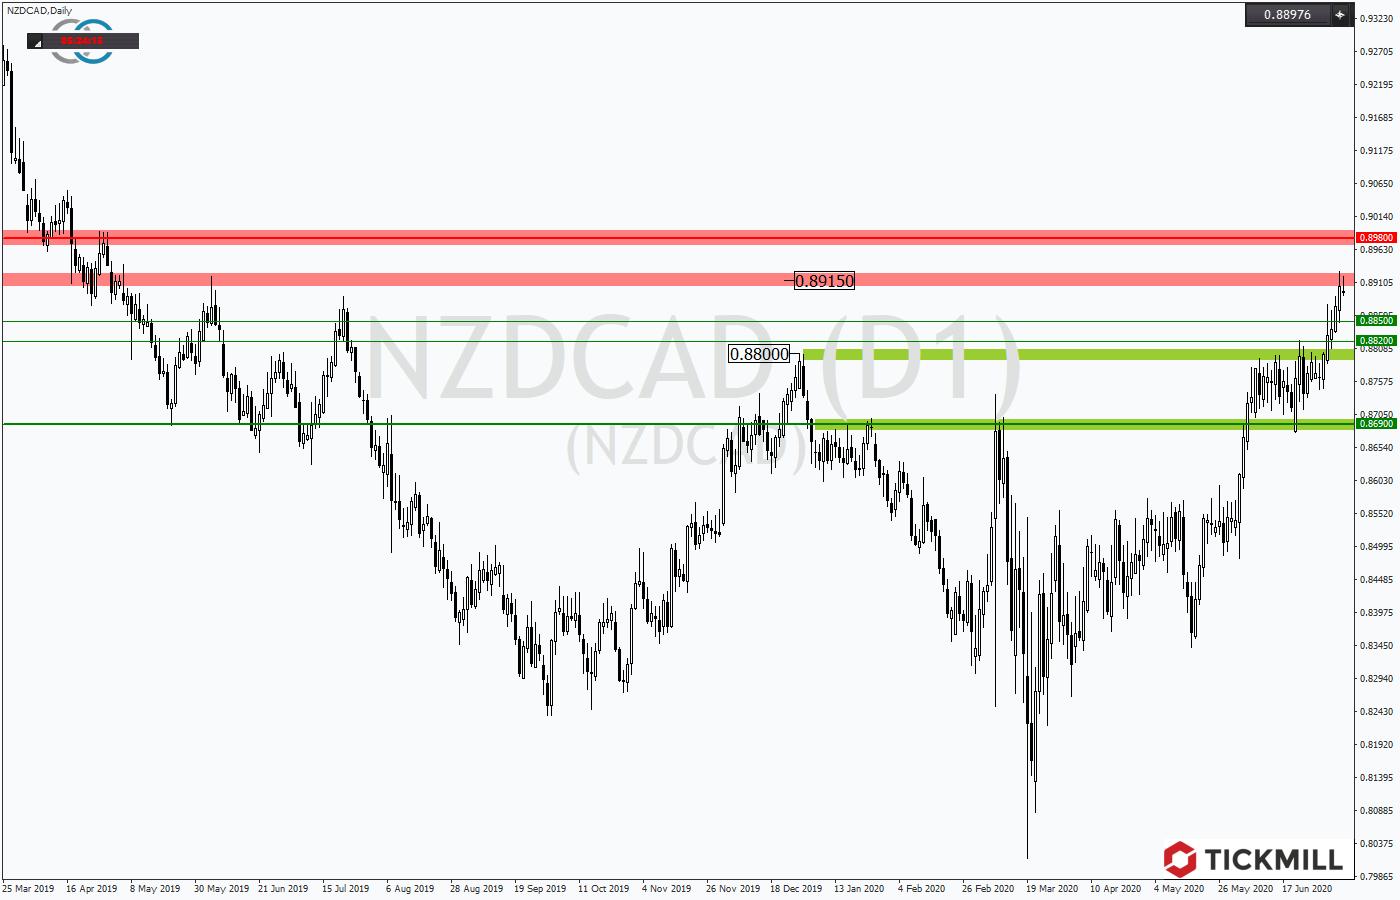 Tickmill-Analyse: Rangeausbruch beim NZDCAD